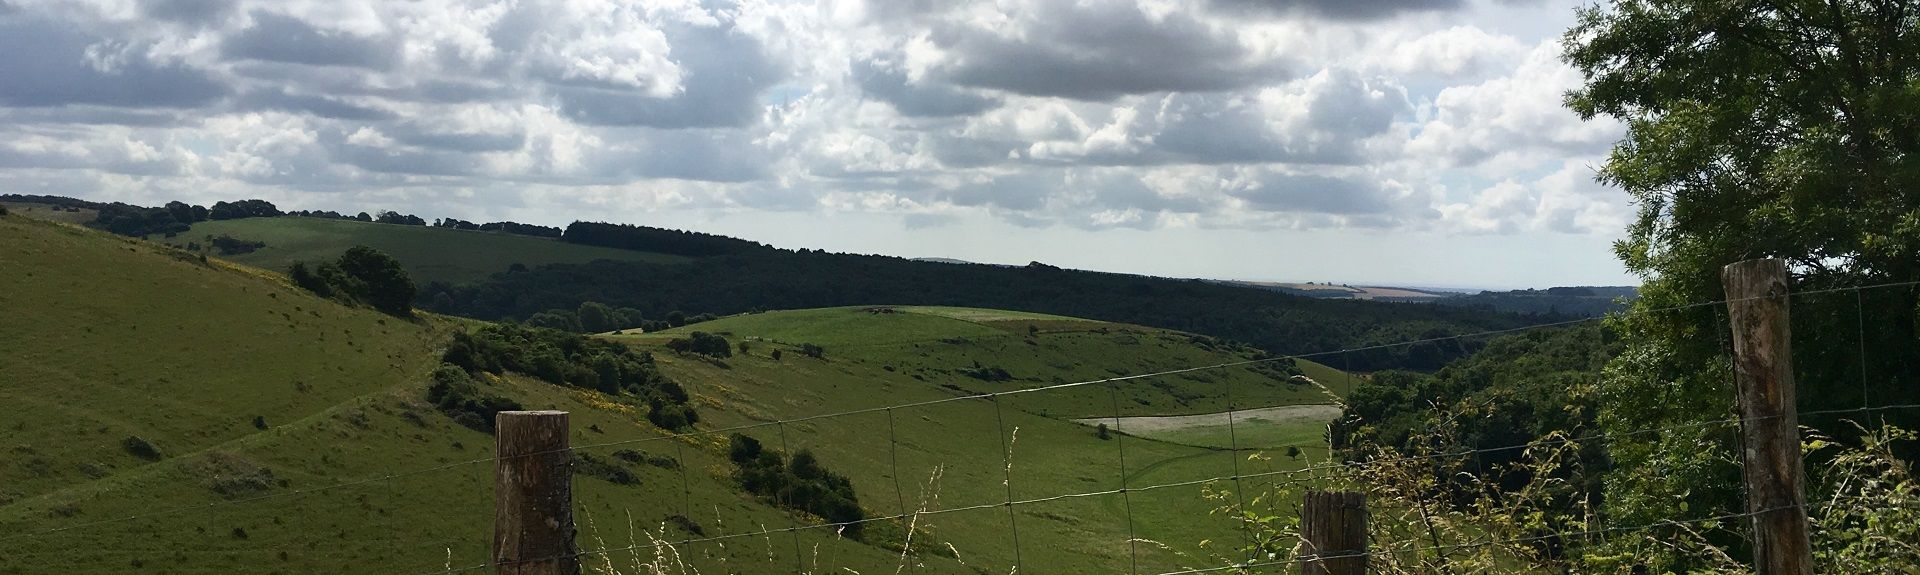 Gurnard, Cowes, England, United Kingdom